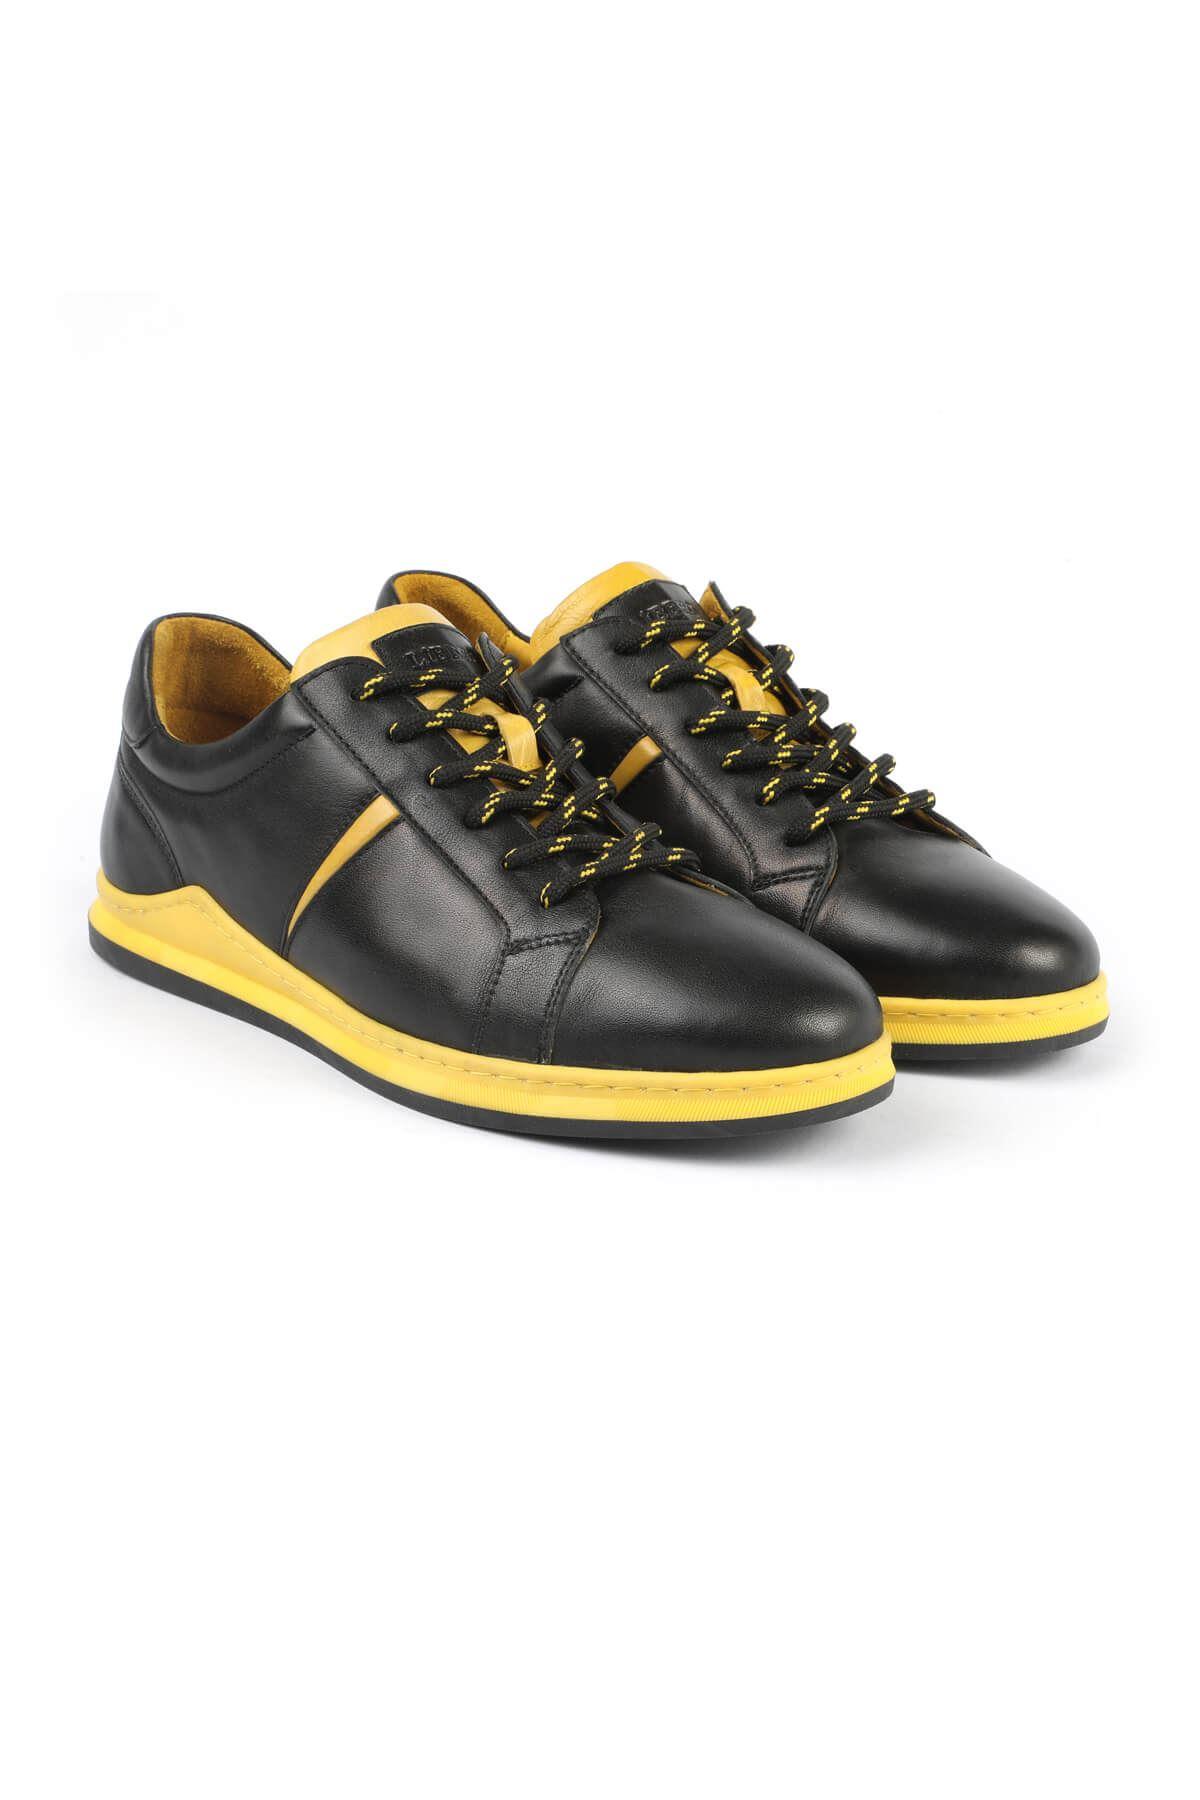 Libero 3196 Black Yellow Sneaker Shoes